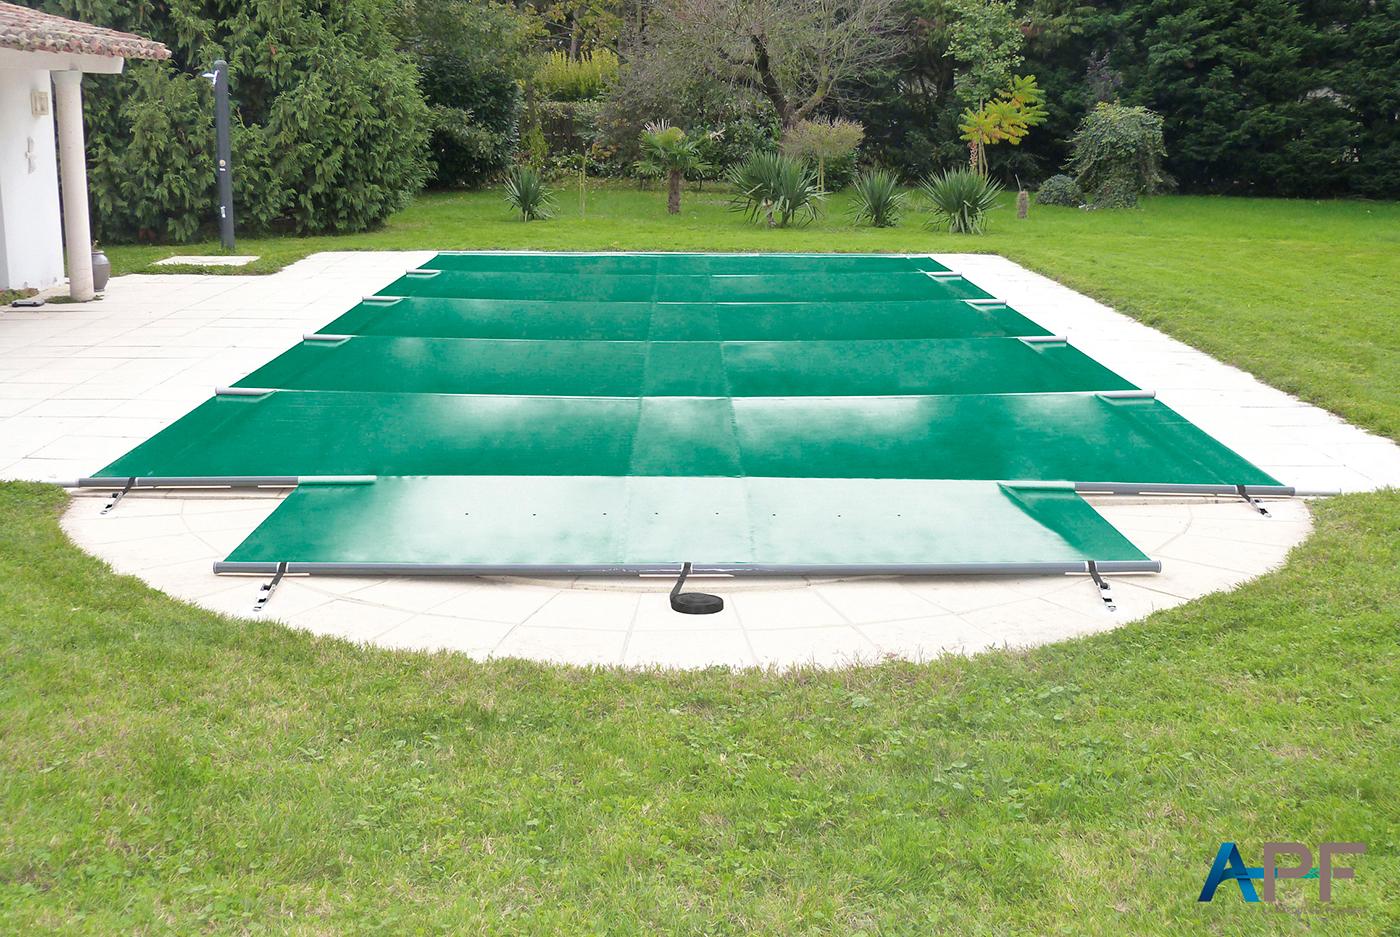 Apf - Nos Modèles De Couvertures À Barres Securit Pool Pour ... avec Bache Piscine A Barre